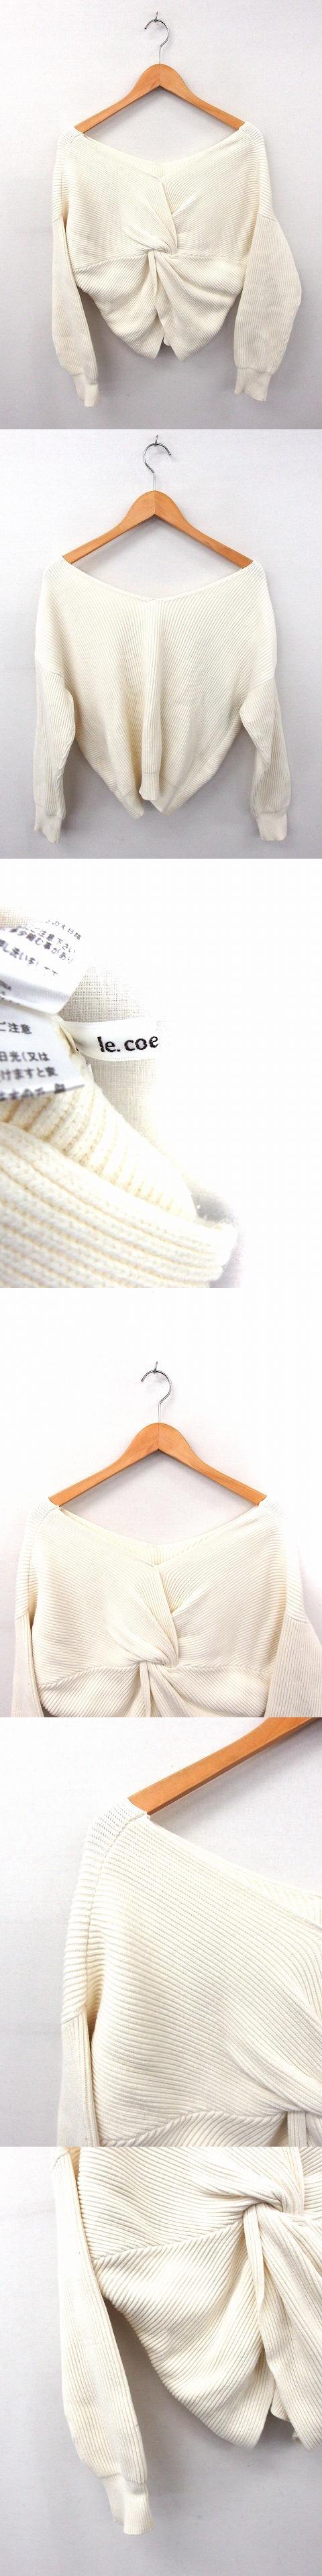 ニット セーター Vネック 長袖 コットン 綿 38 ホワイト 白 /FT20